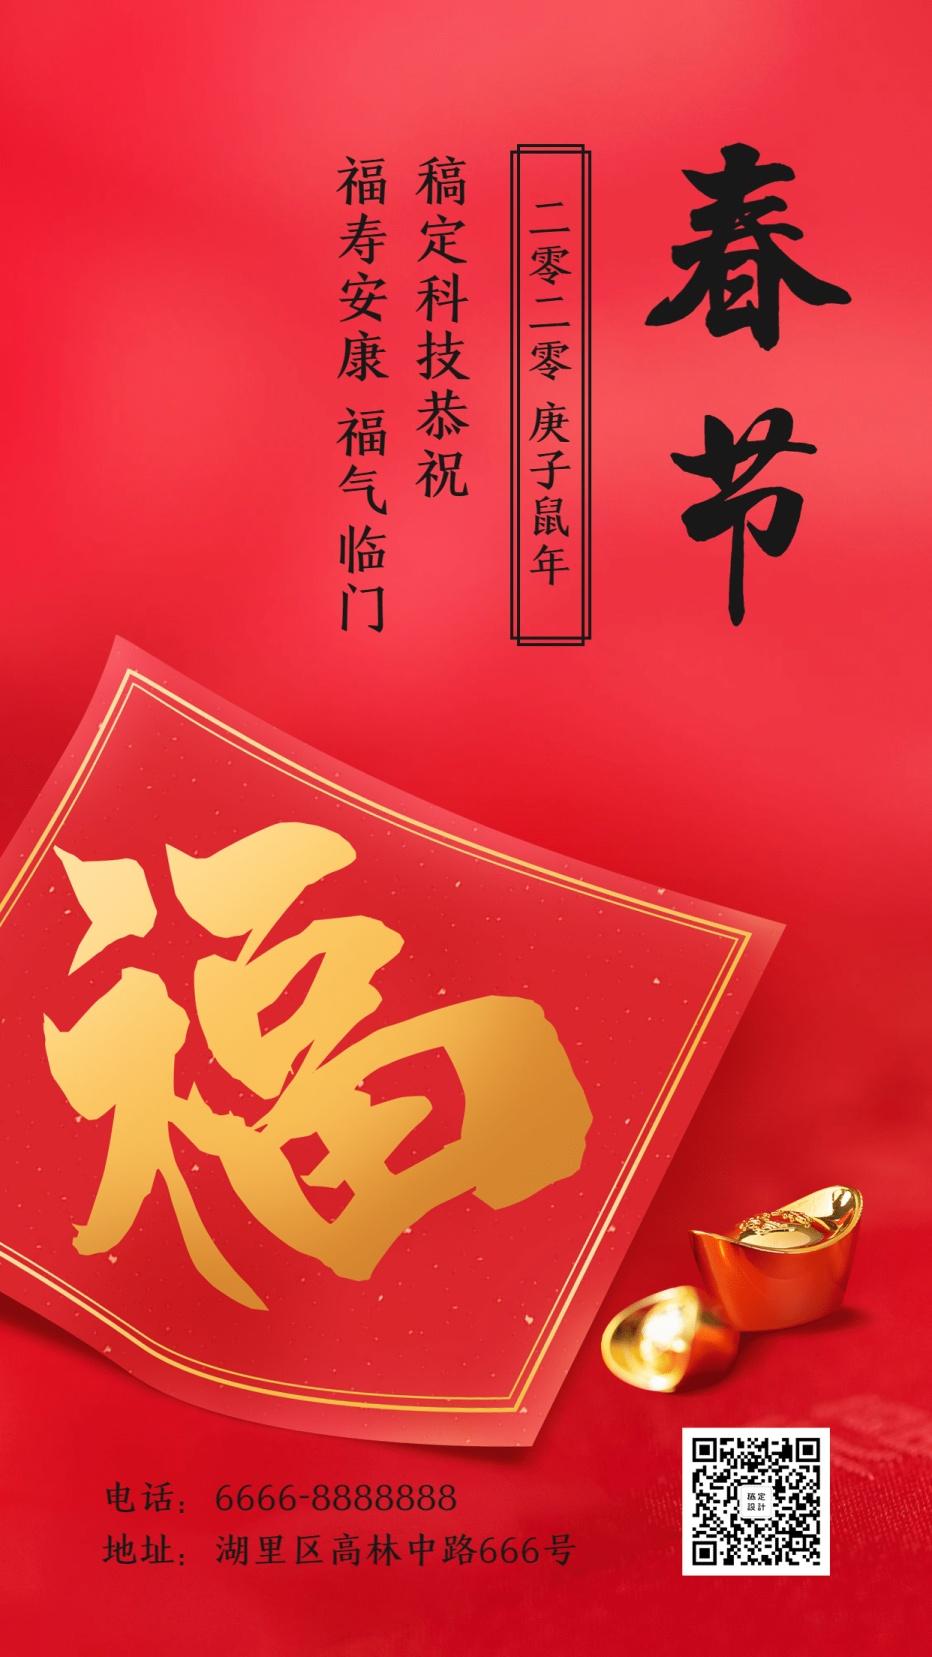 春节新年新春集五福福扫福福卡手机海报